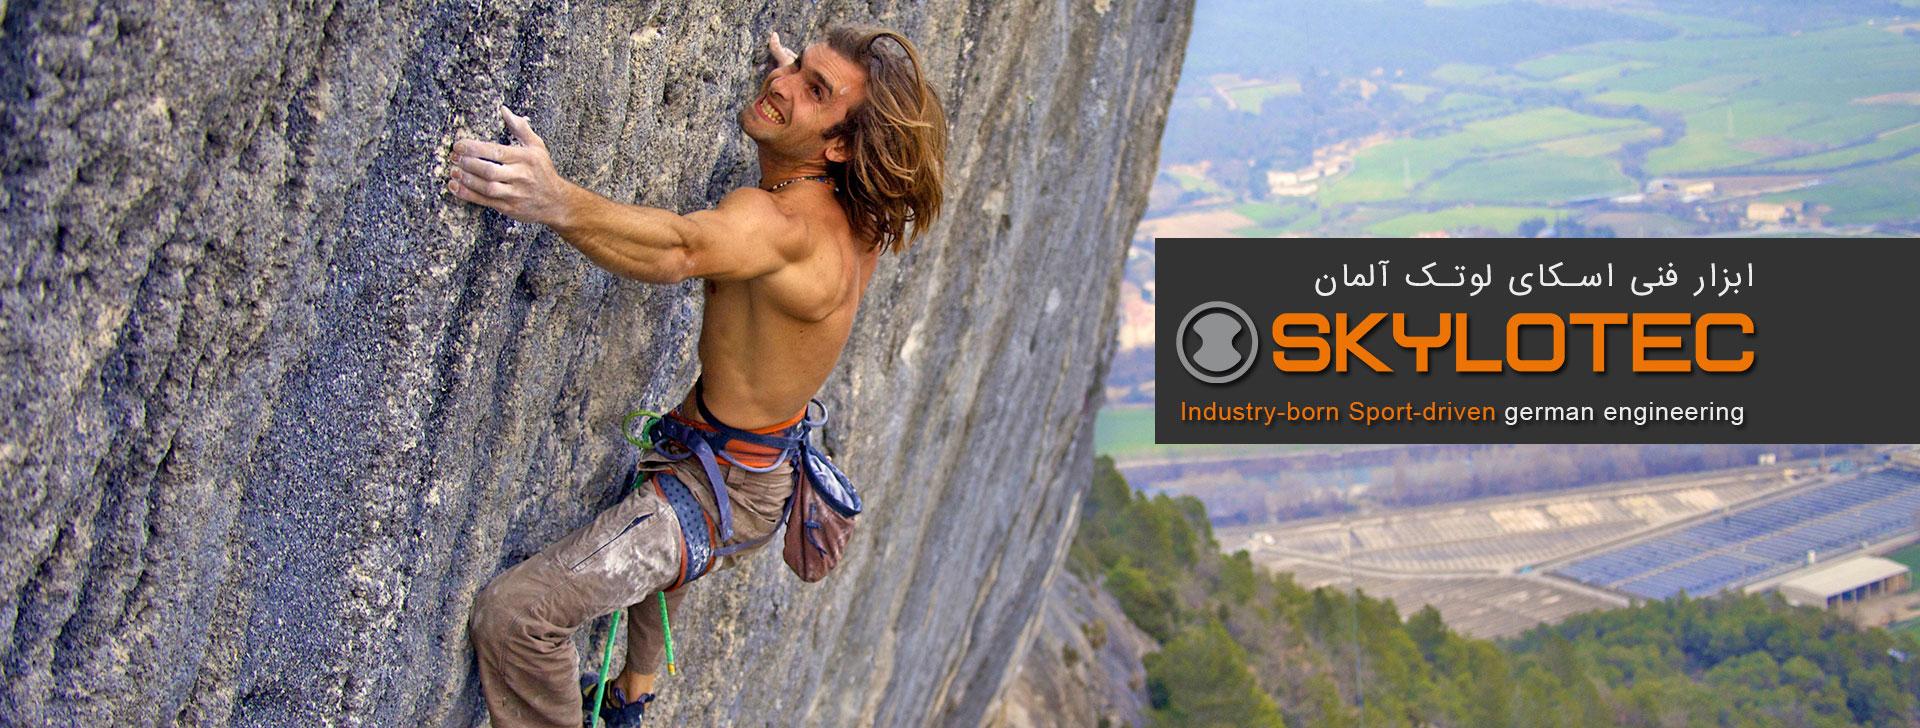 skylotec 1 - فروشگاه لوازم کوهنوردی و طبیعت گردی